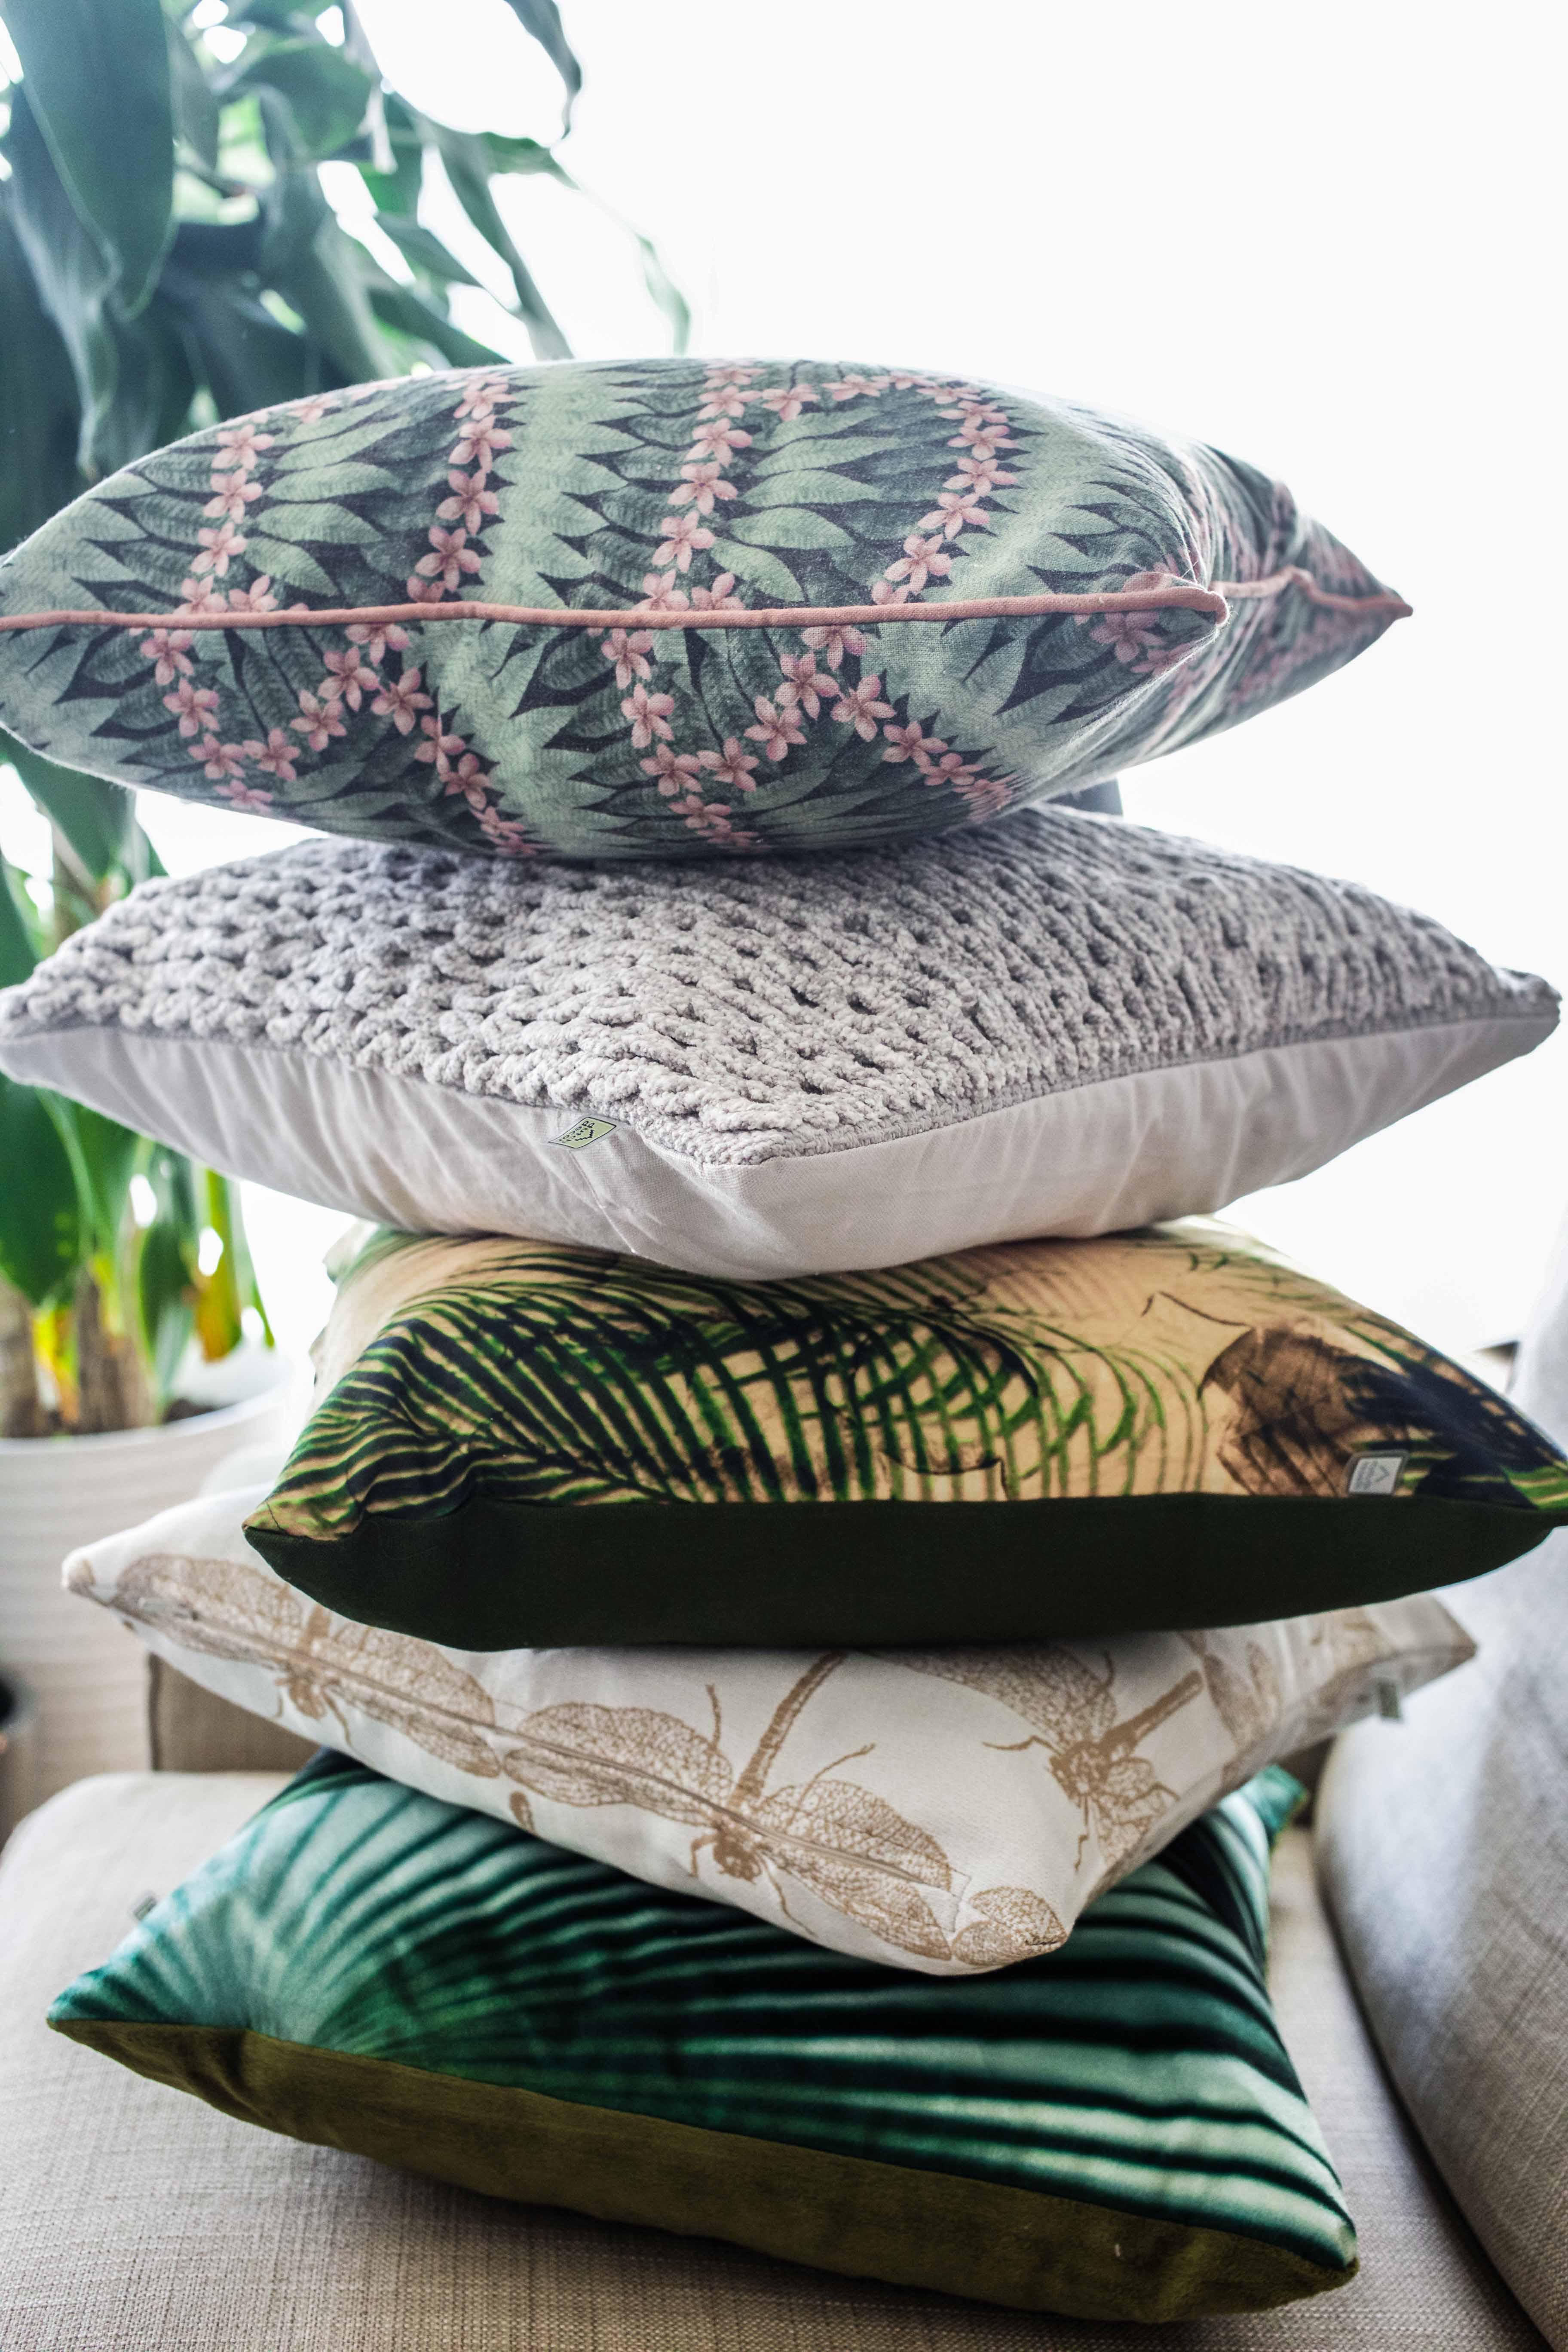 sofa-kissen-jungle-interior-inspiration-möbel-einrichtung_8298